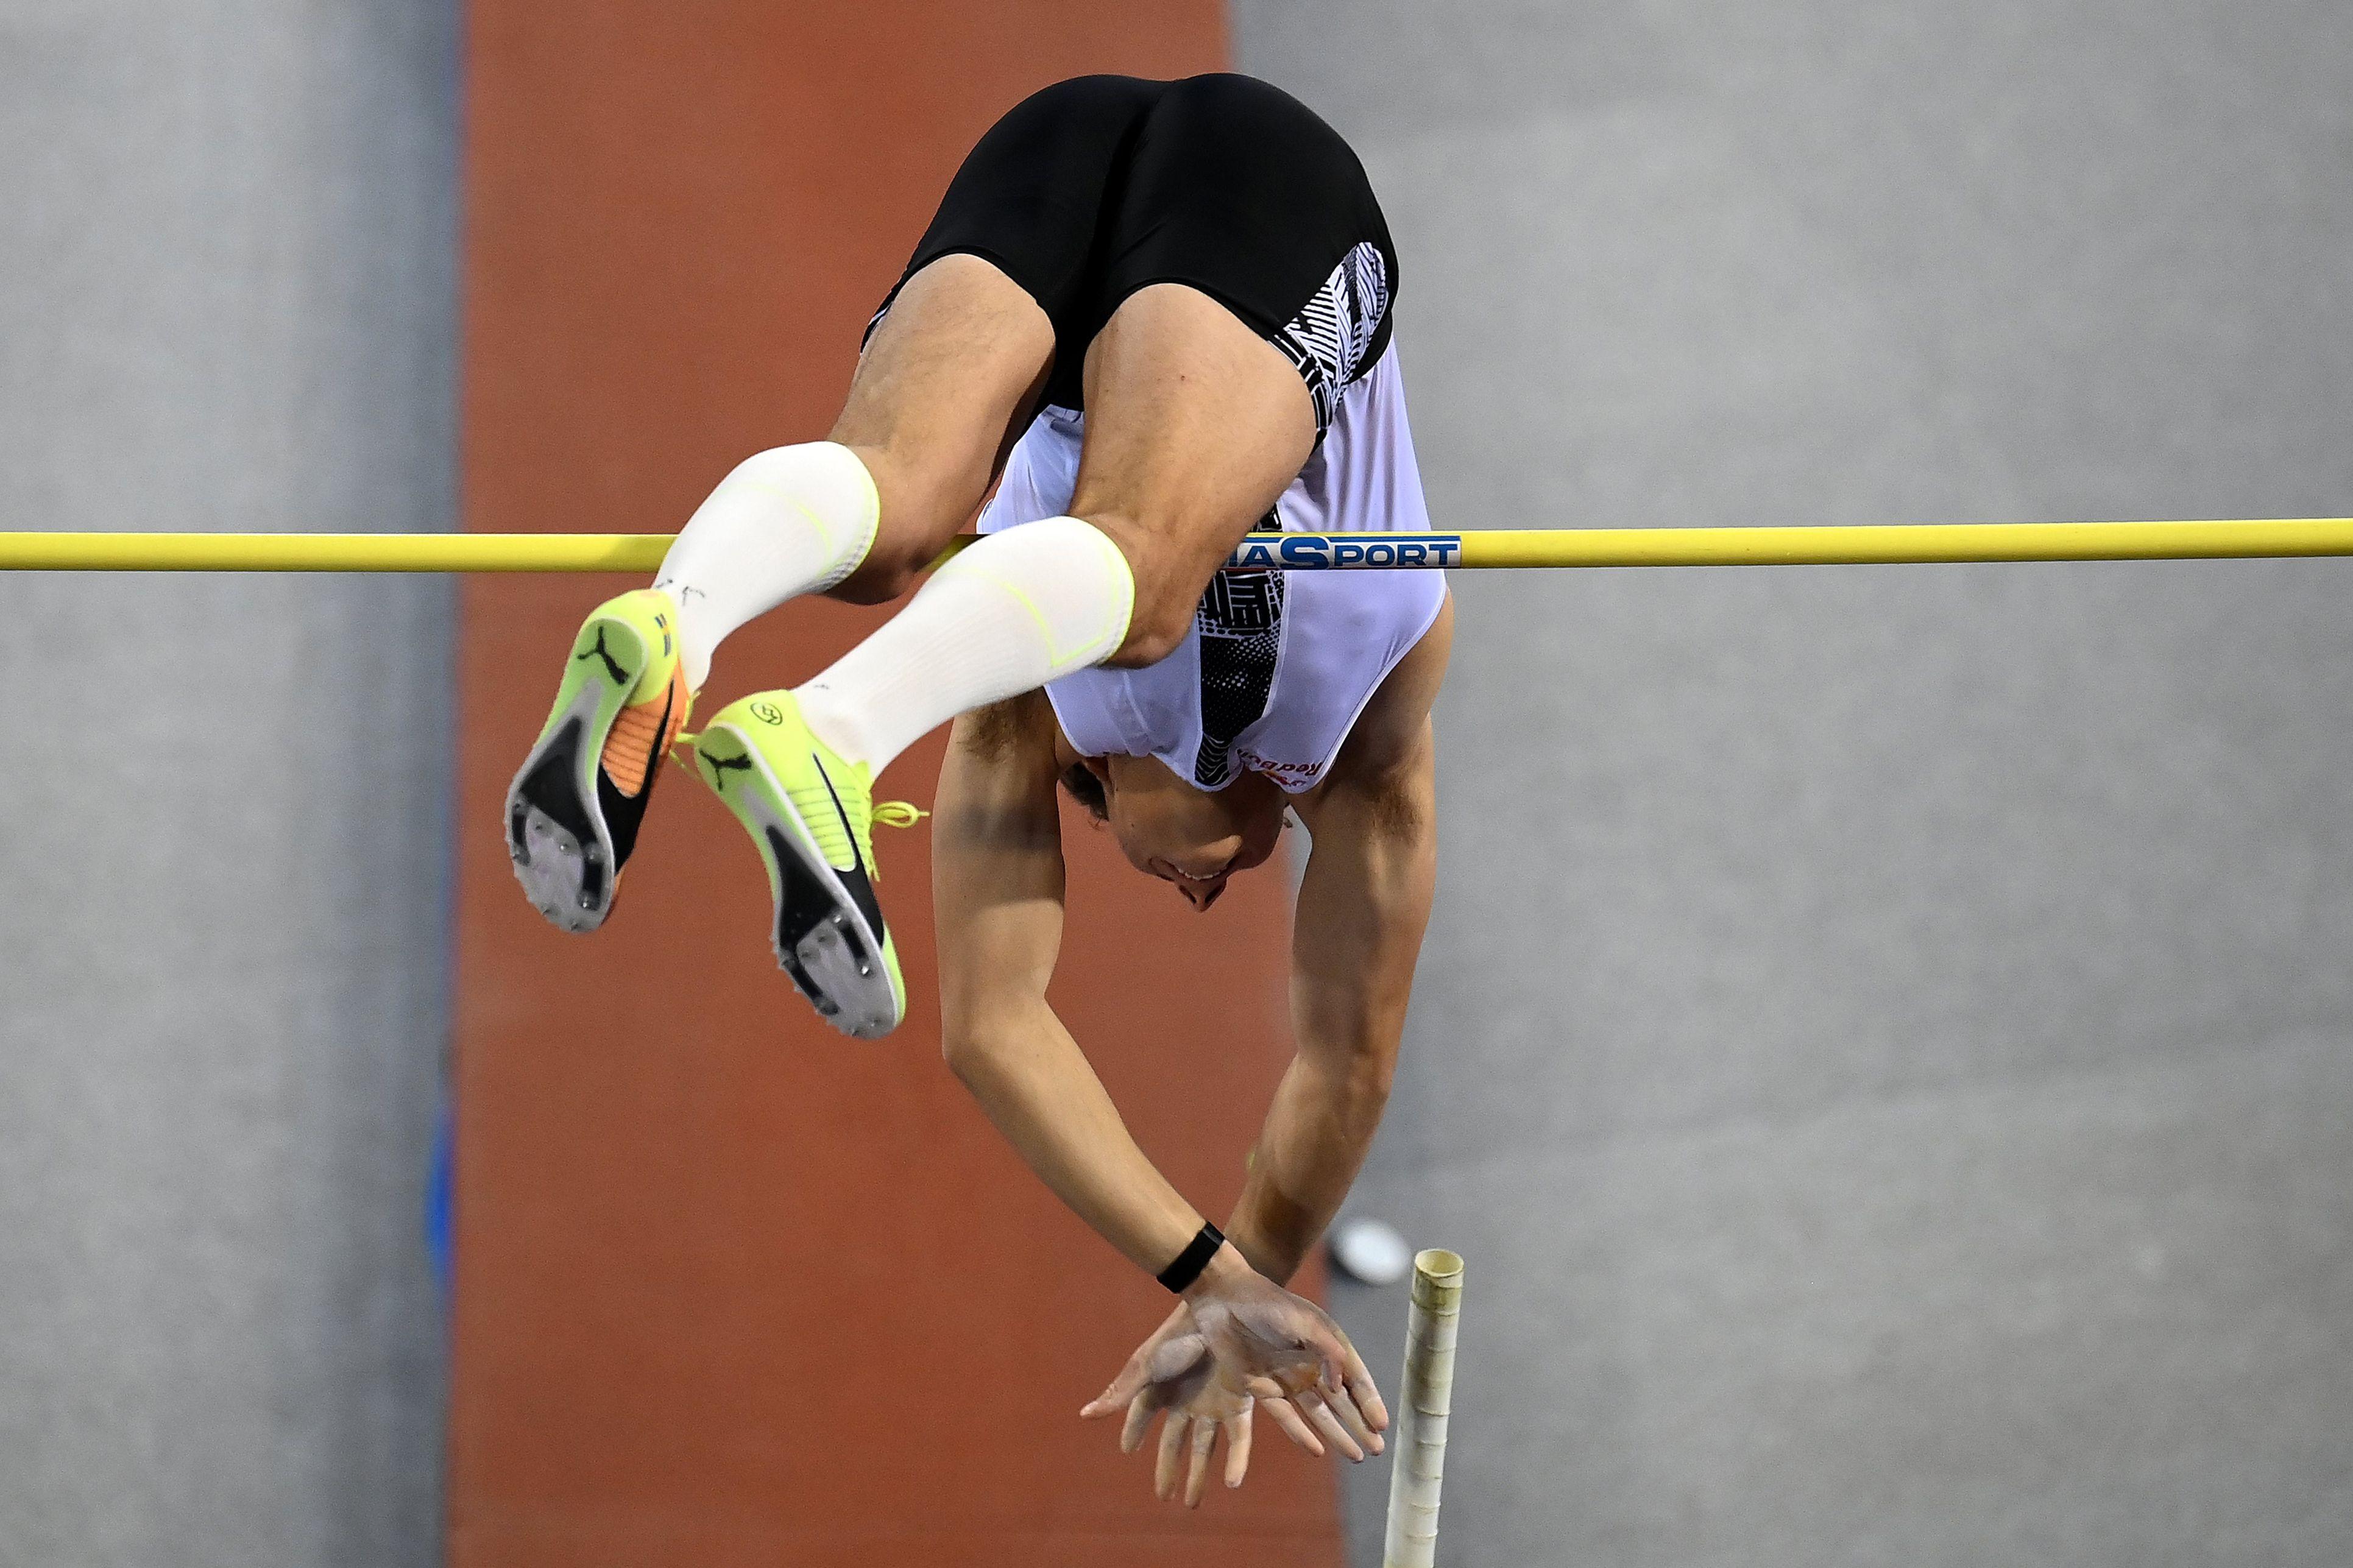 Athlétisme: La perche fait pschitt à Liévin, Tsegay fait sensation